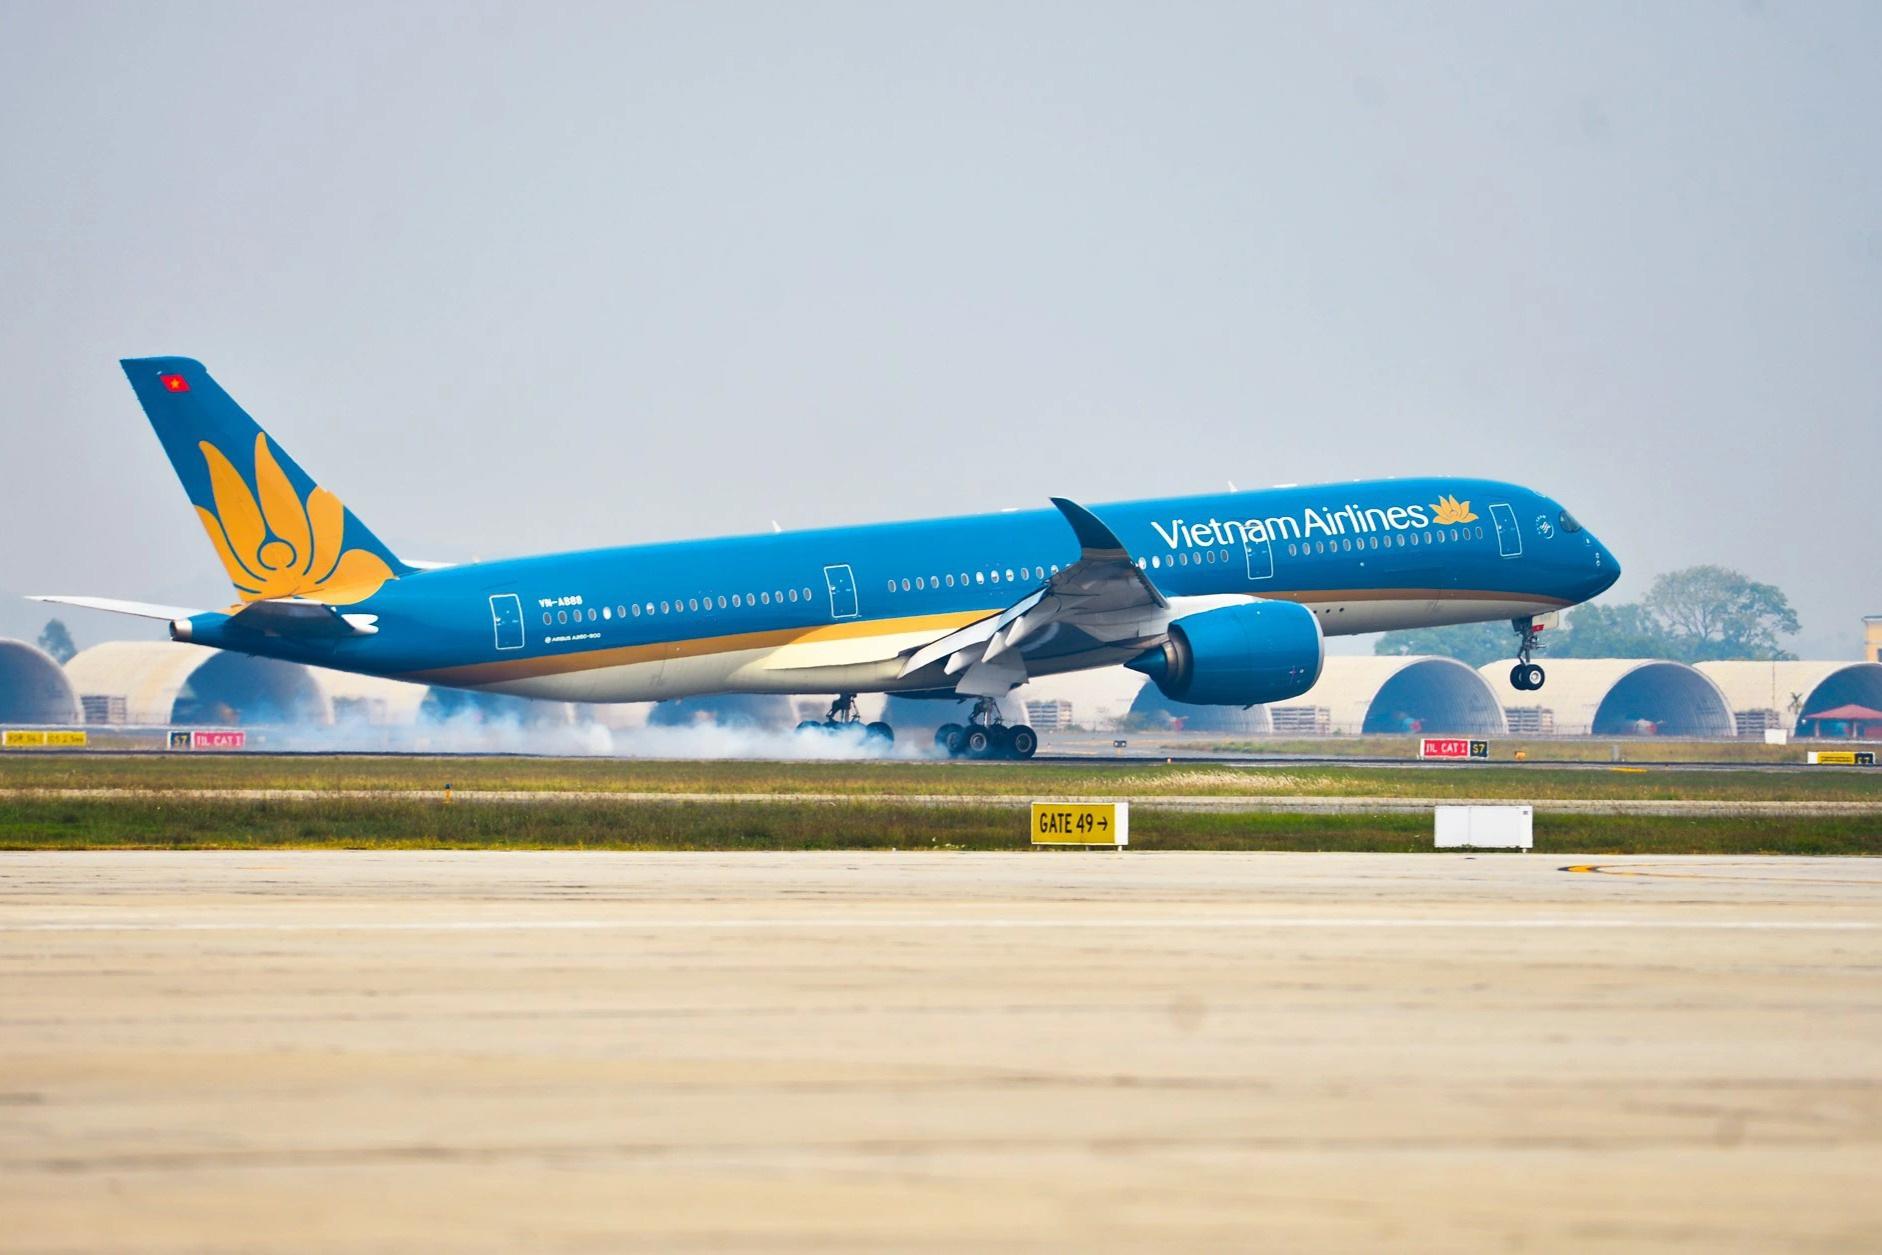 Báo cáo Thủ tướng dừng đường bay, bảo vệ Hà Nội khỏi diễn biến xấu Covid-19